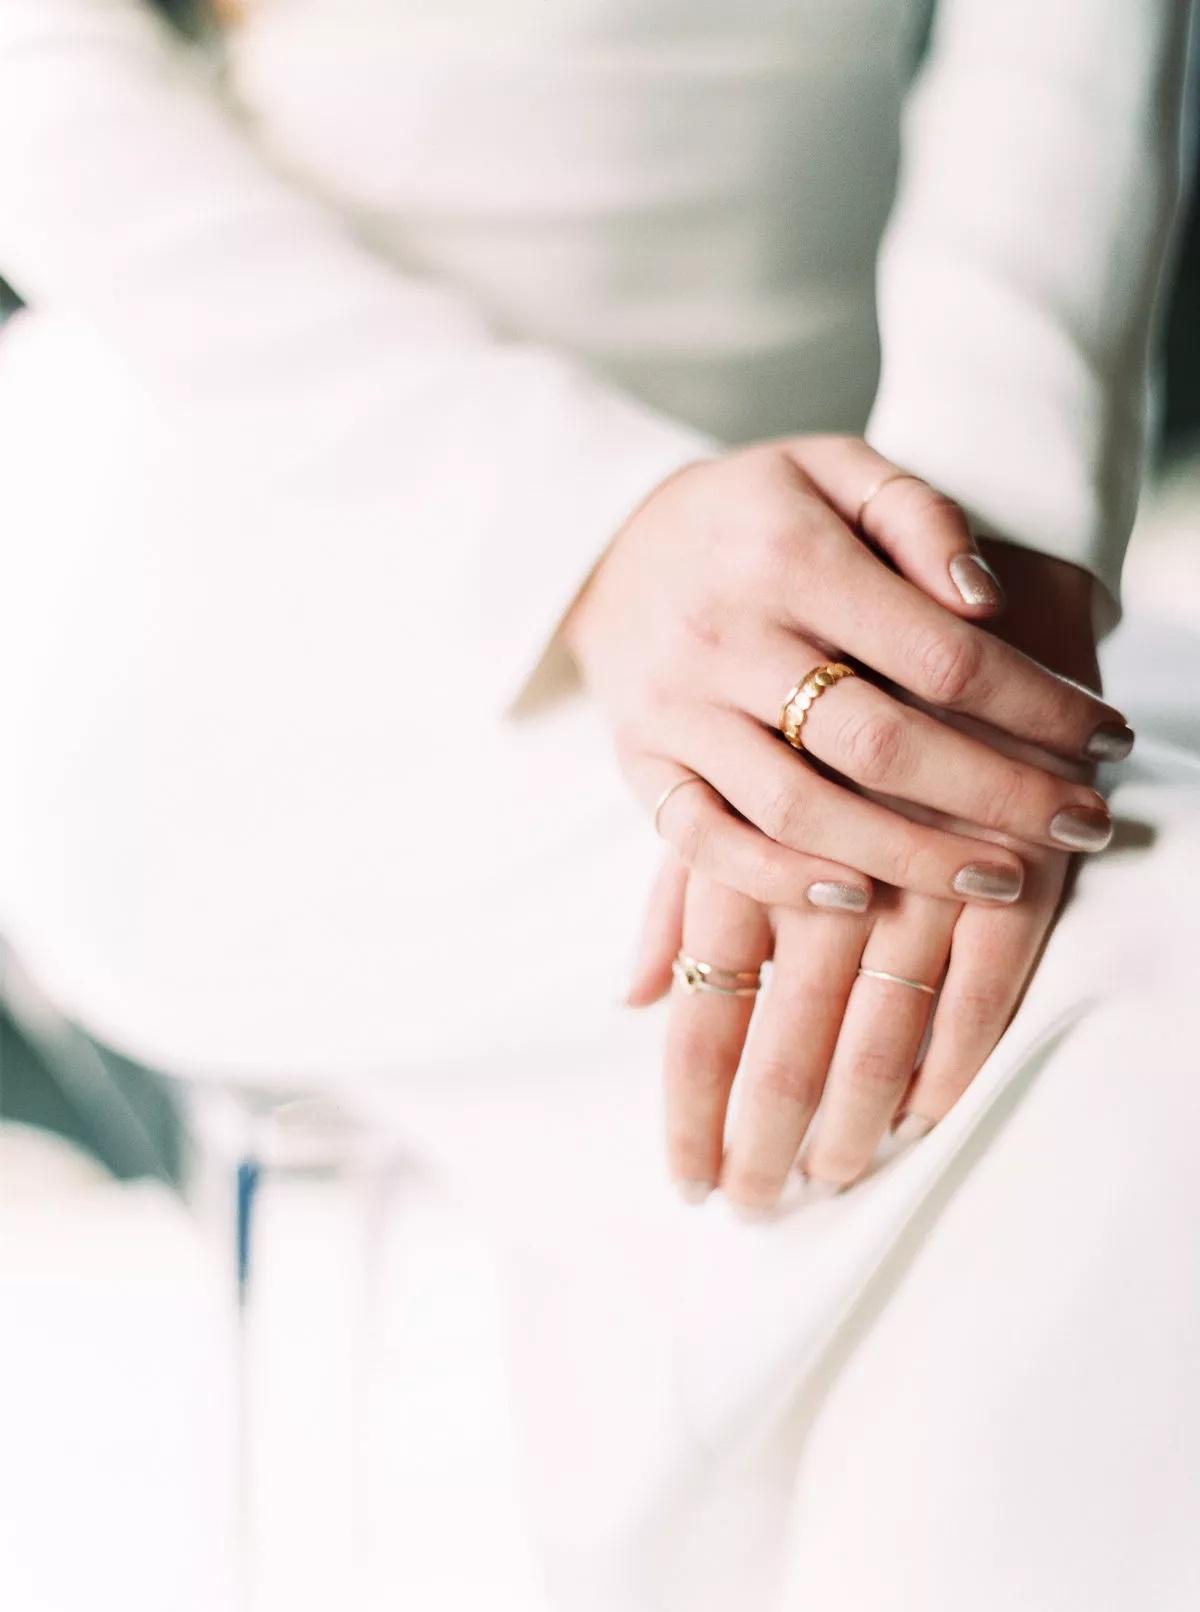 Tendencias en manicure para novias 2021 2022 - Orange Photographie - Wedding Hub - 02